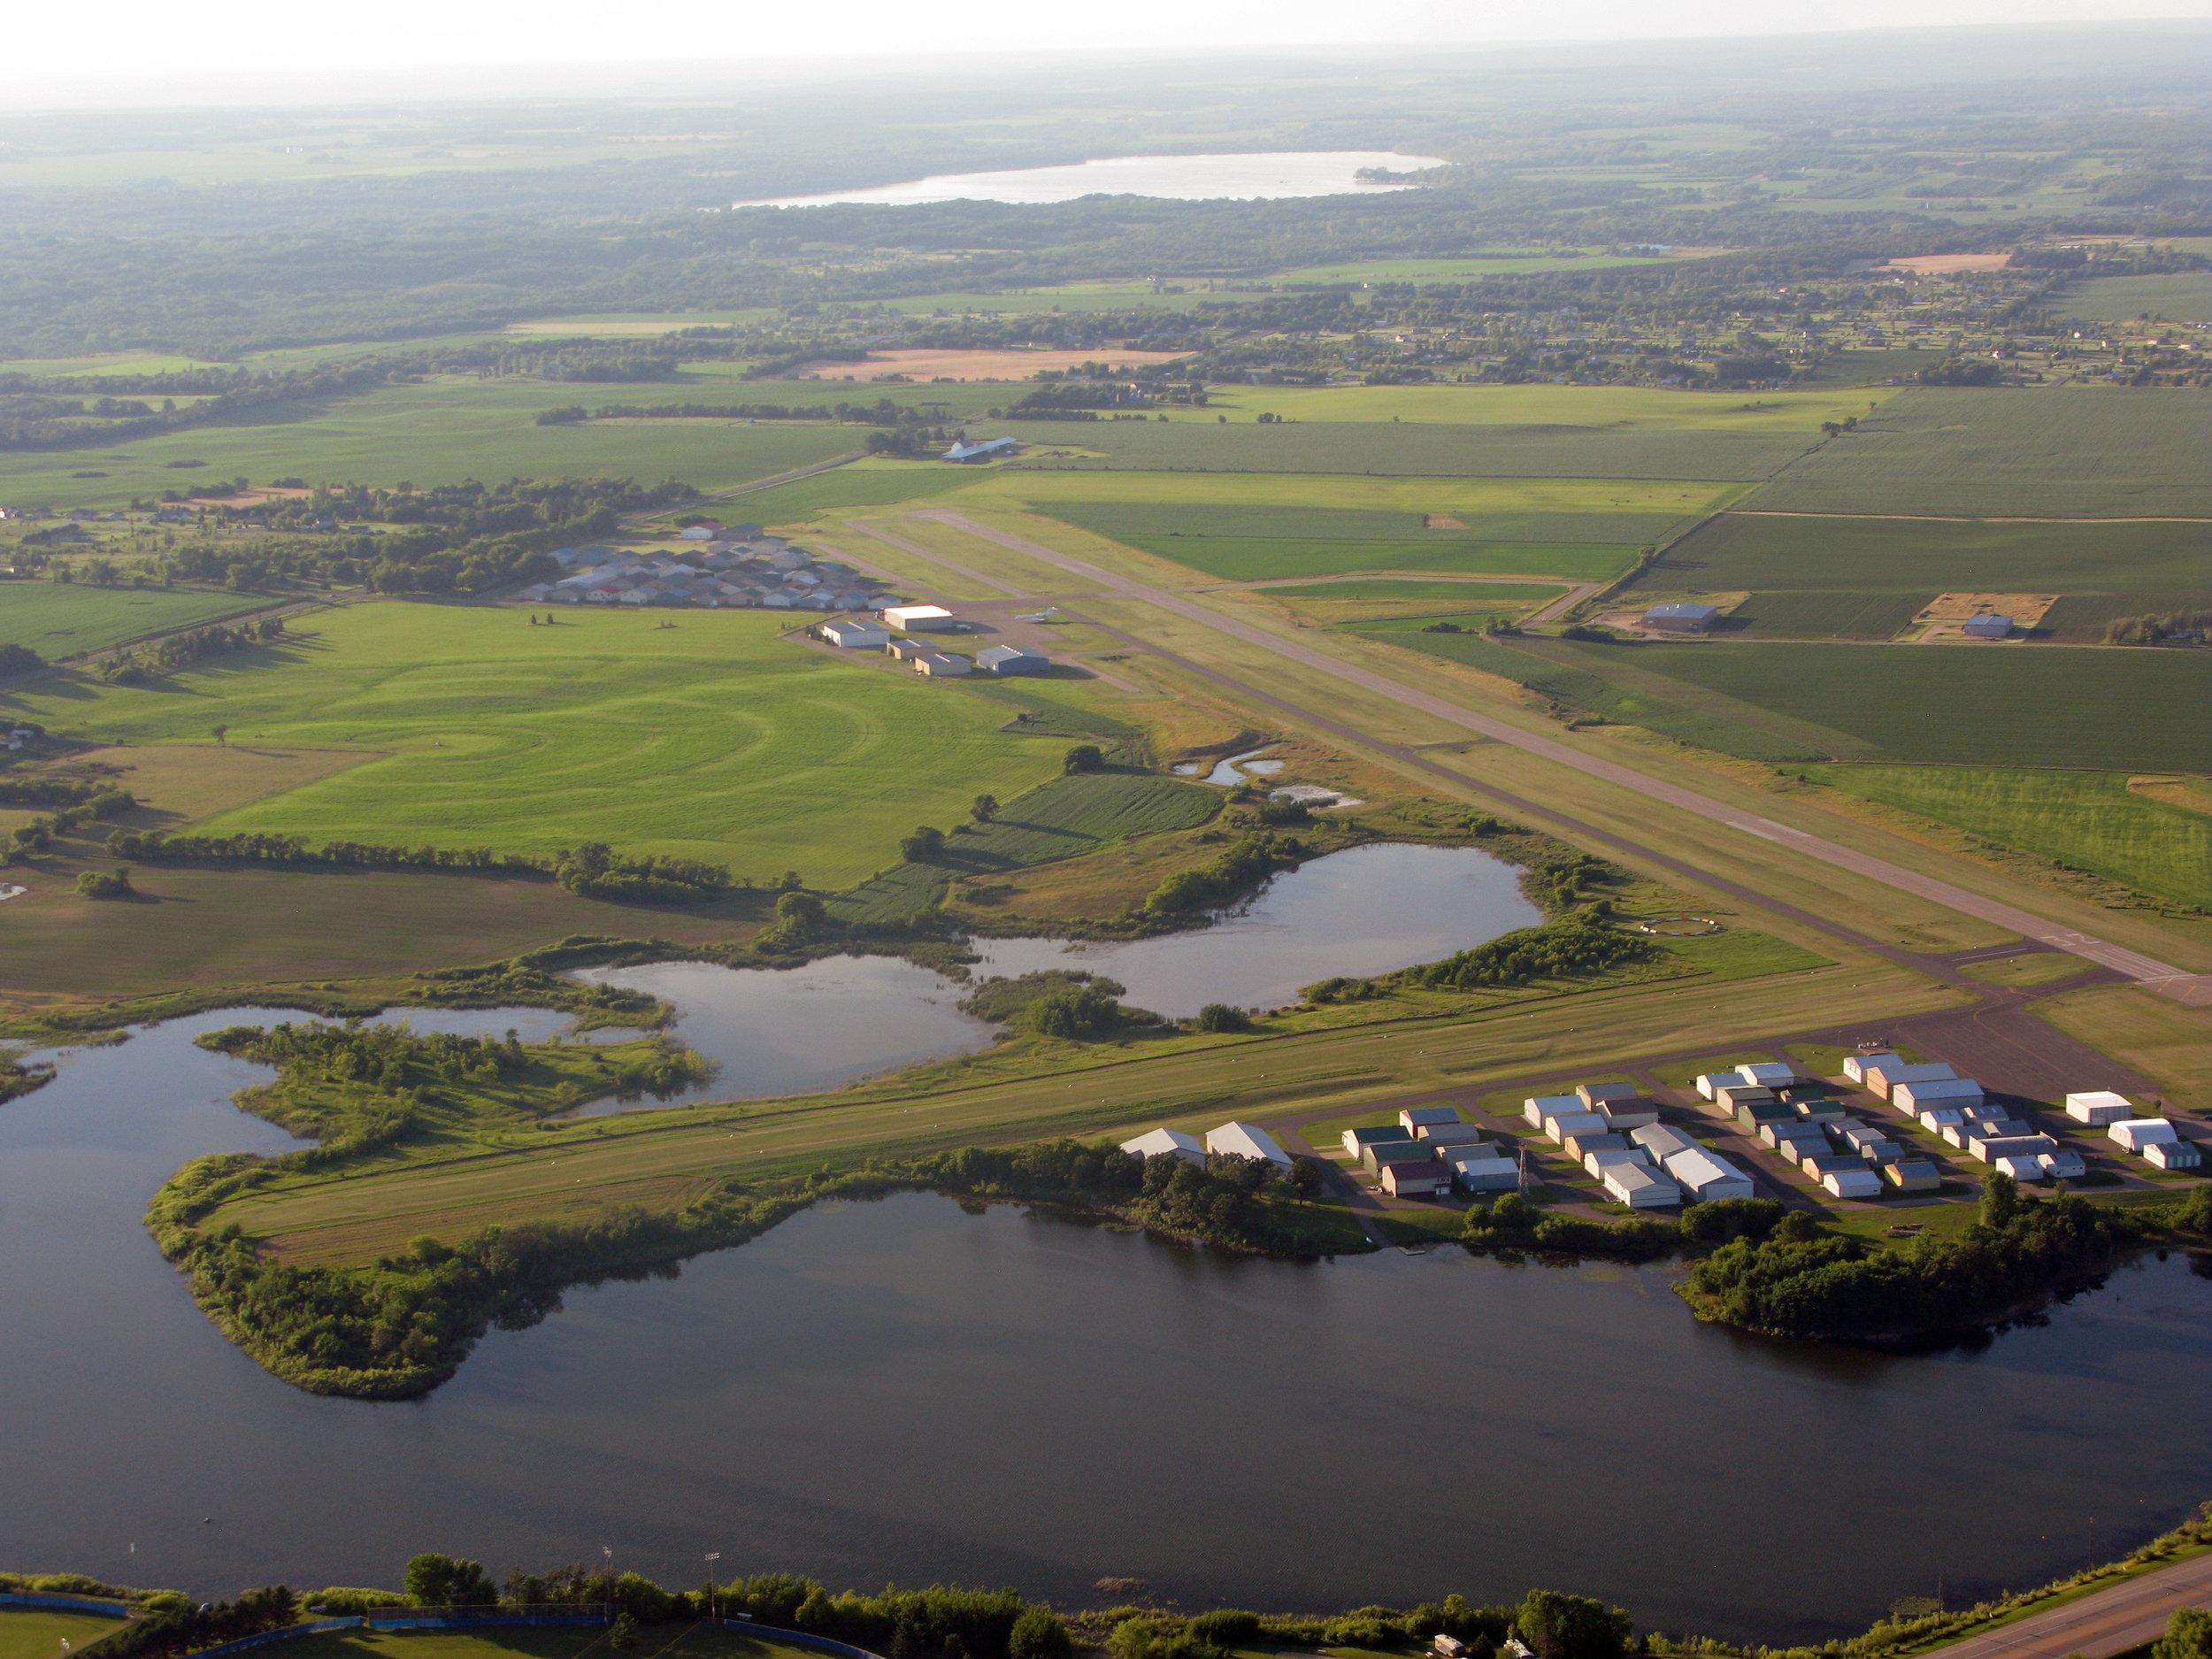 2017-07-06 NR Airport D.jpg